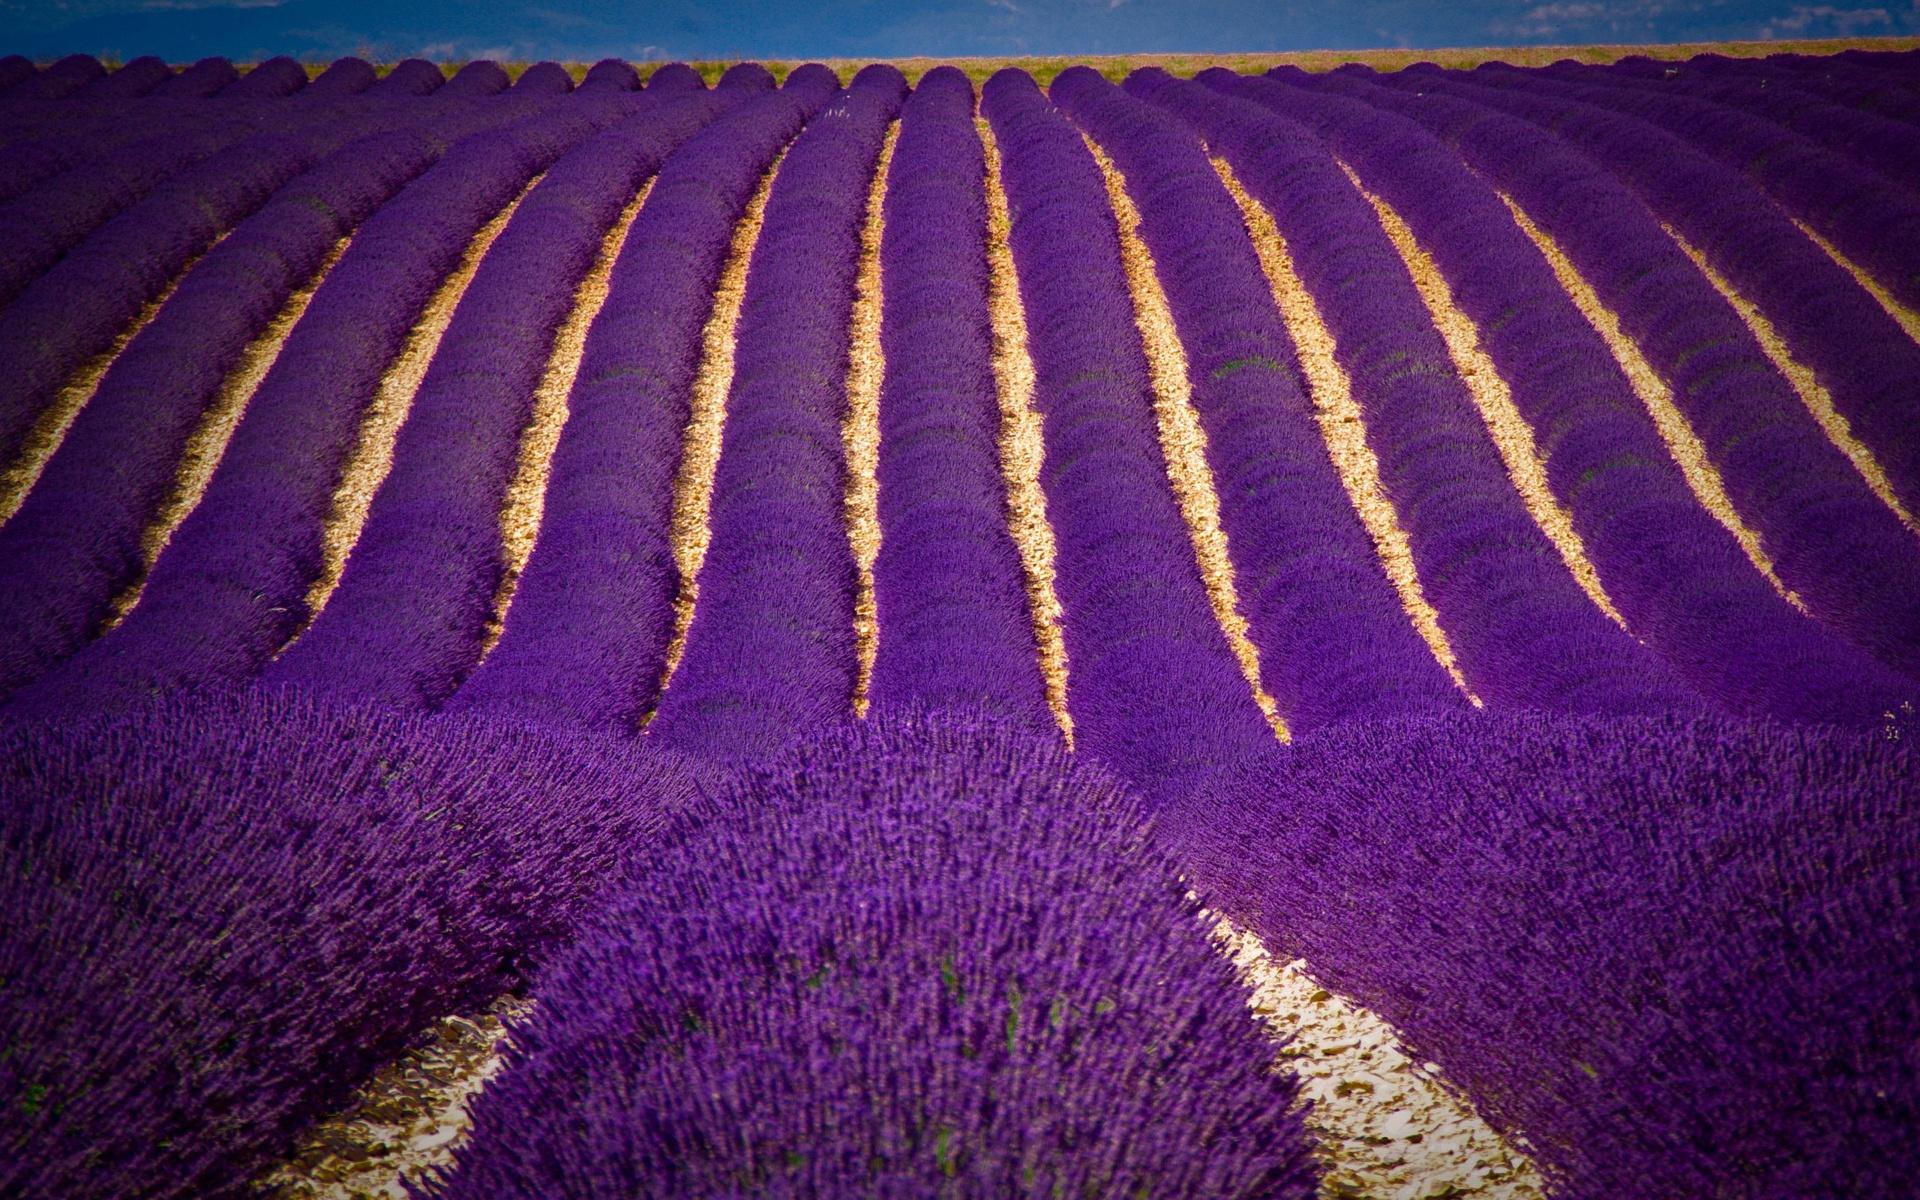 Tải hình ảnh hoa oải hương